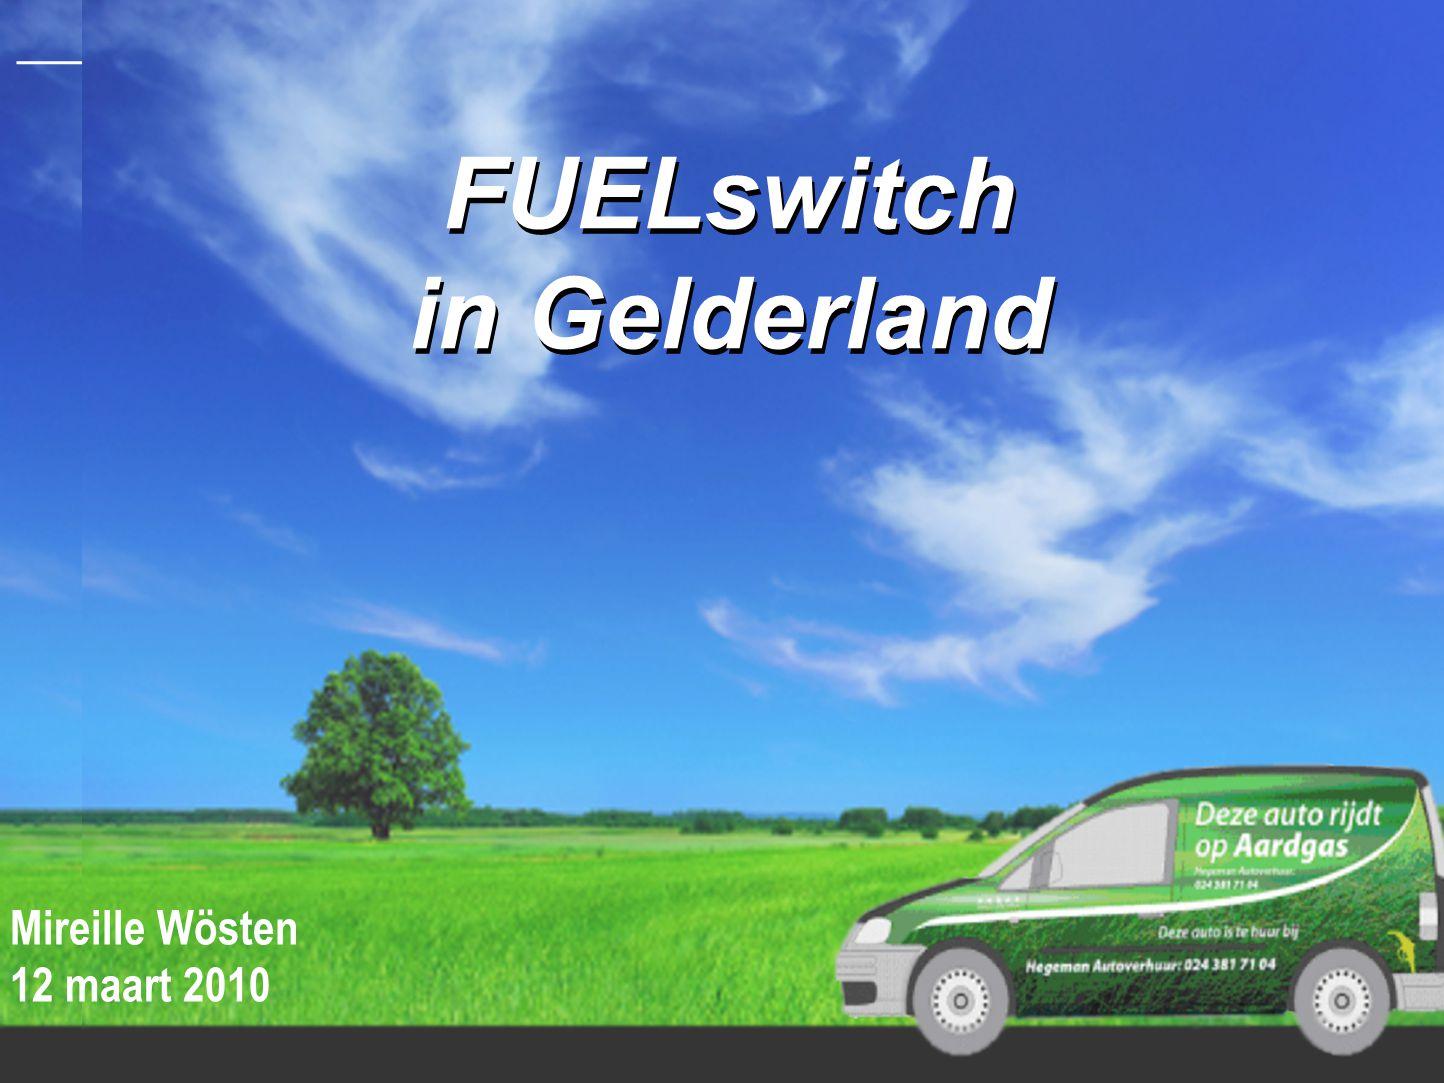 FUELswitch in Gelderland